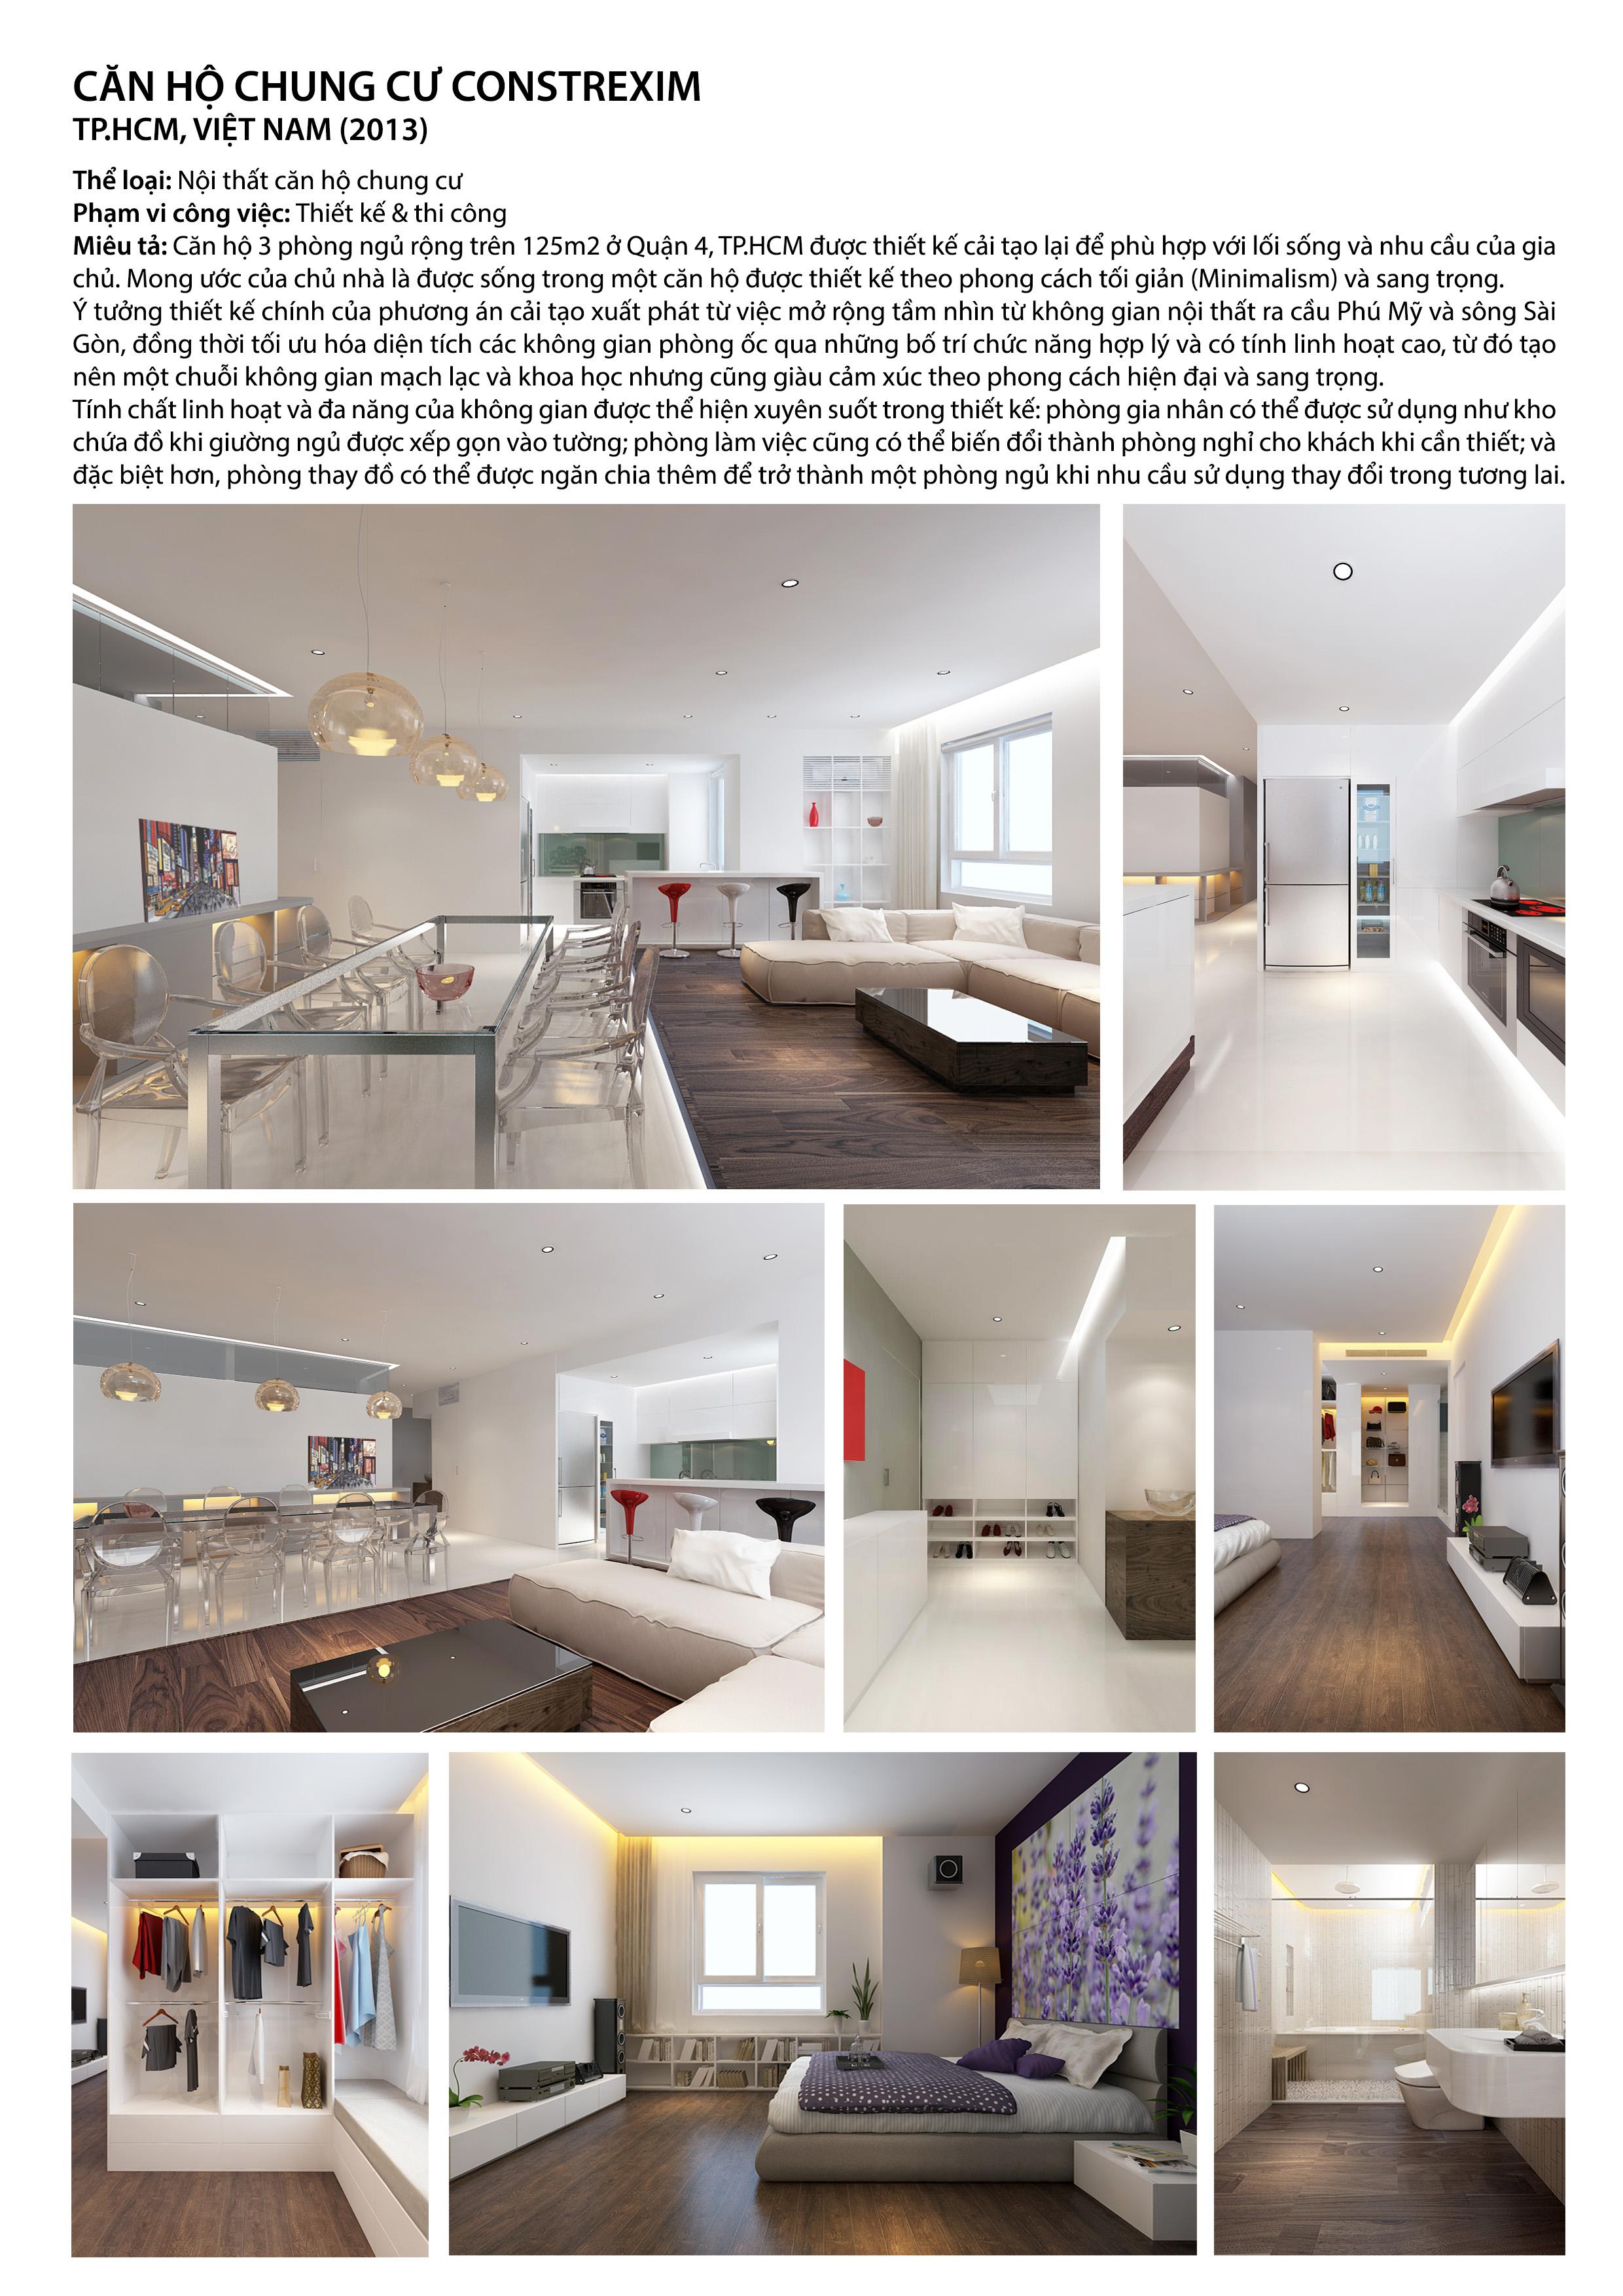 P+P - Constrexim Apartment 2013.jpg